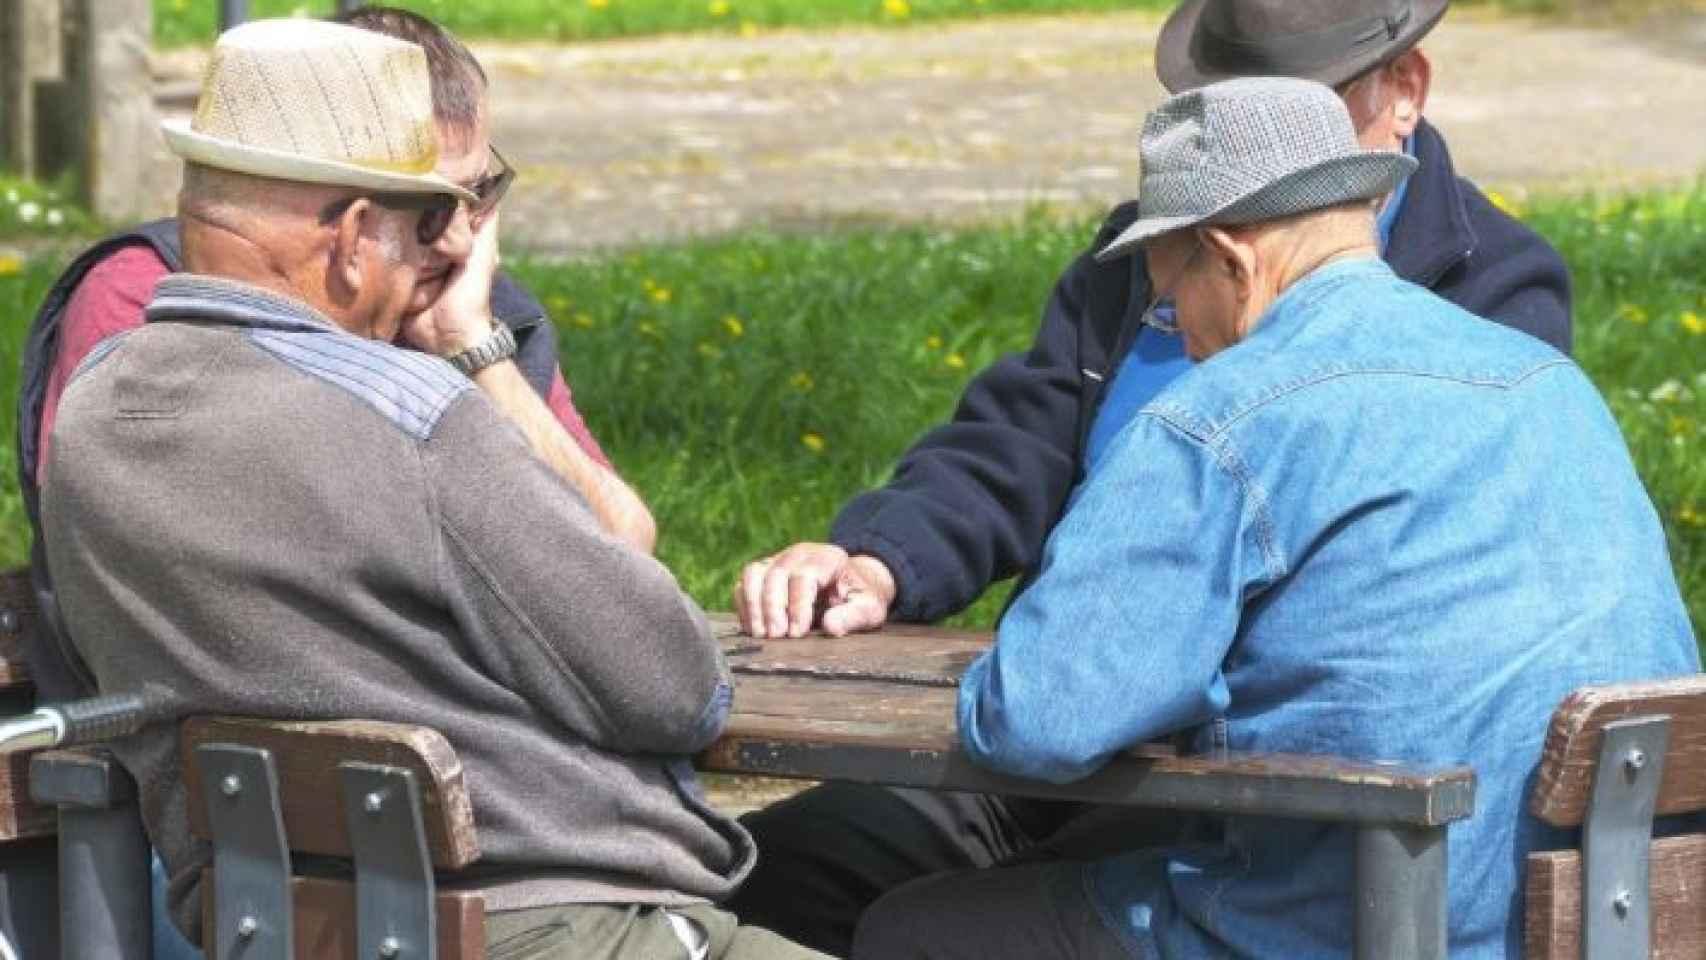 Unos jubilados en un parque.